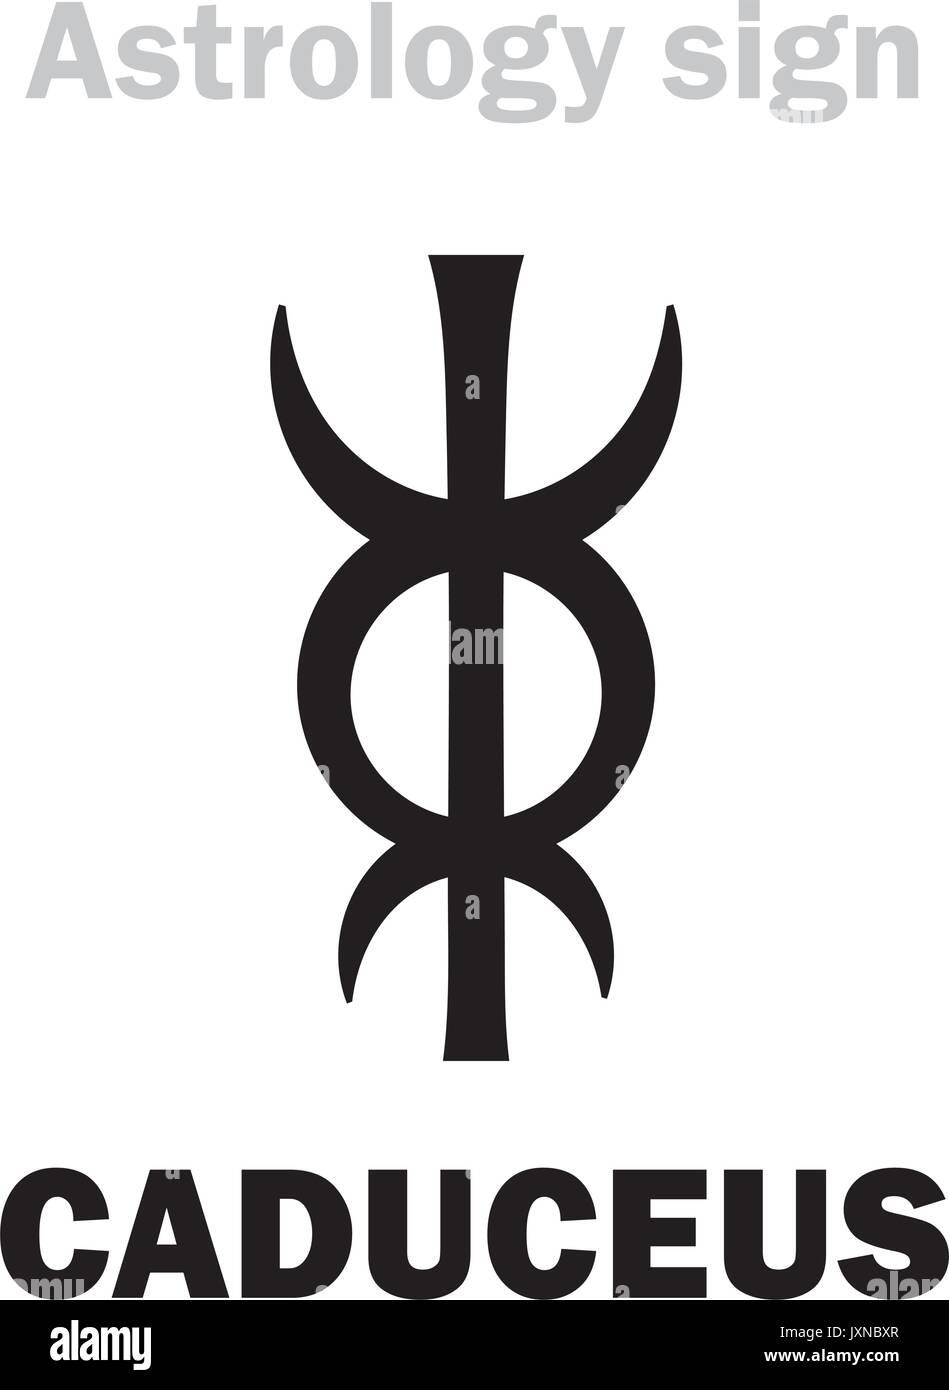 Astrology alphabet caduceus of mercury or hermes or apollo or astrology alphabet caduceus of mercury or hermes or apollo or aesculapius hieroglyphics character sign single symbol buycottarizona Choice Image